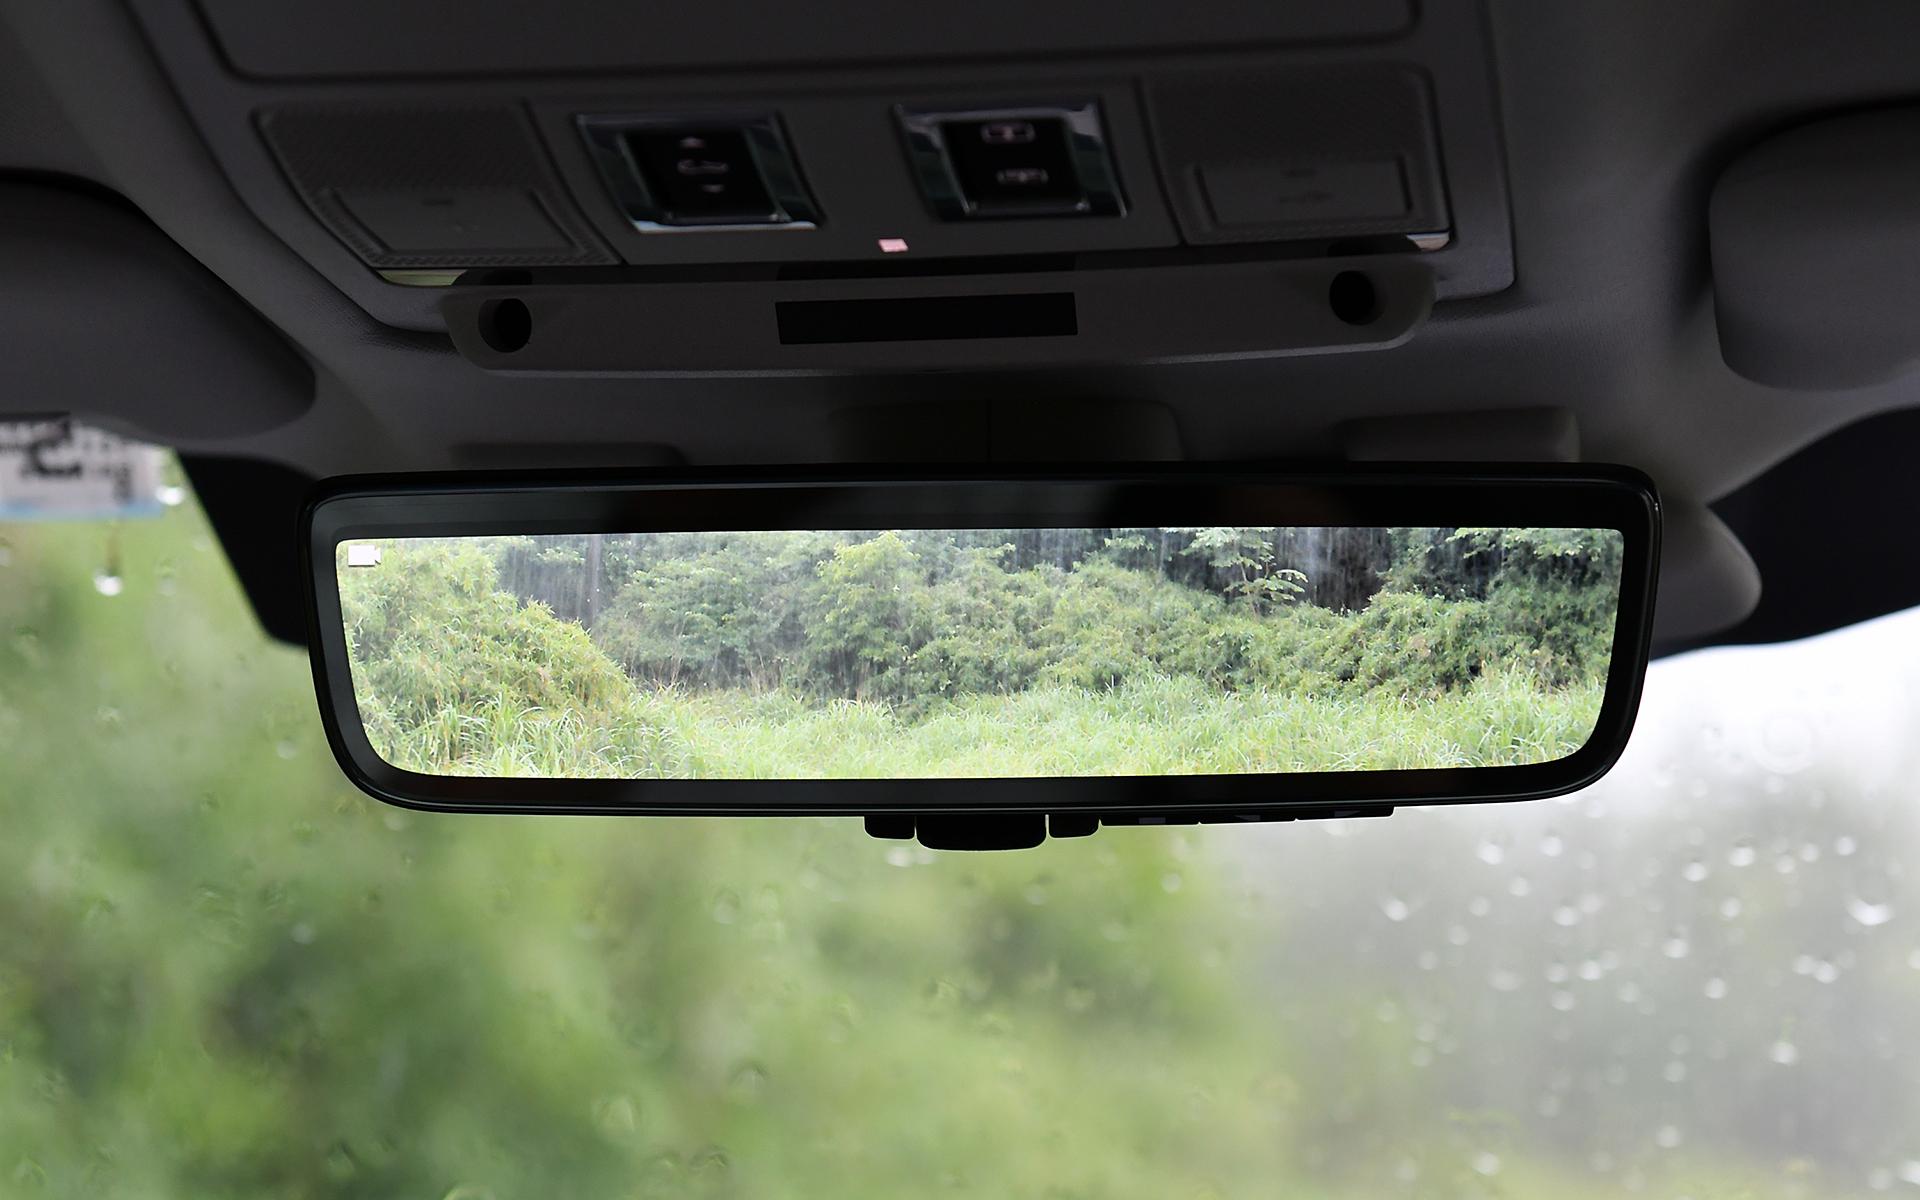 ジャガー・ランドローバーとして初採用となった最新インフォテインメント・システム「Pivi Pro」のほか、ClearSightインテリアリアビューミラーや10インチタッチスクリーンなどの最新装備も搭載。エアコンまわりのスイッチはグローブをしていても操作しやすいような大型のタイプ